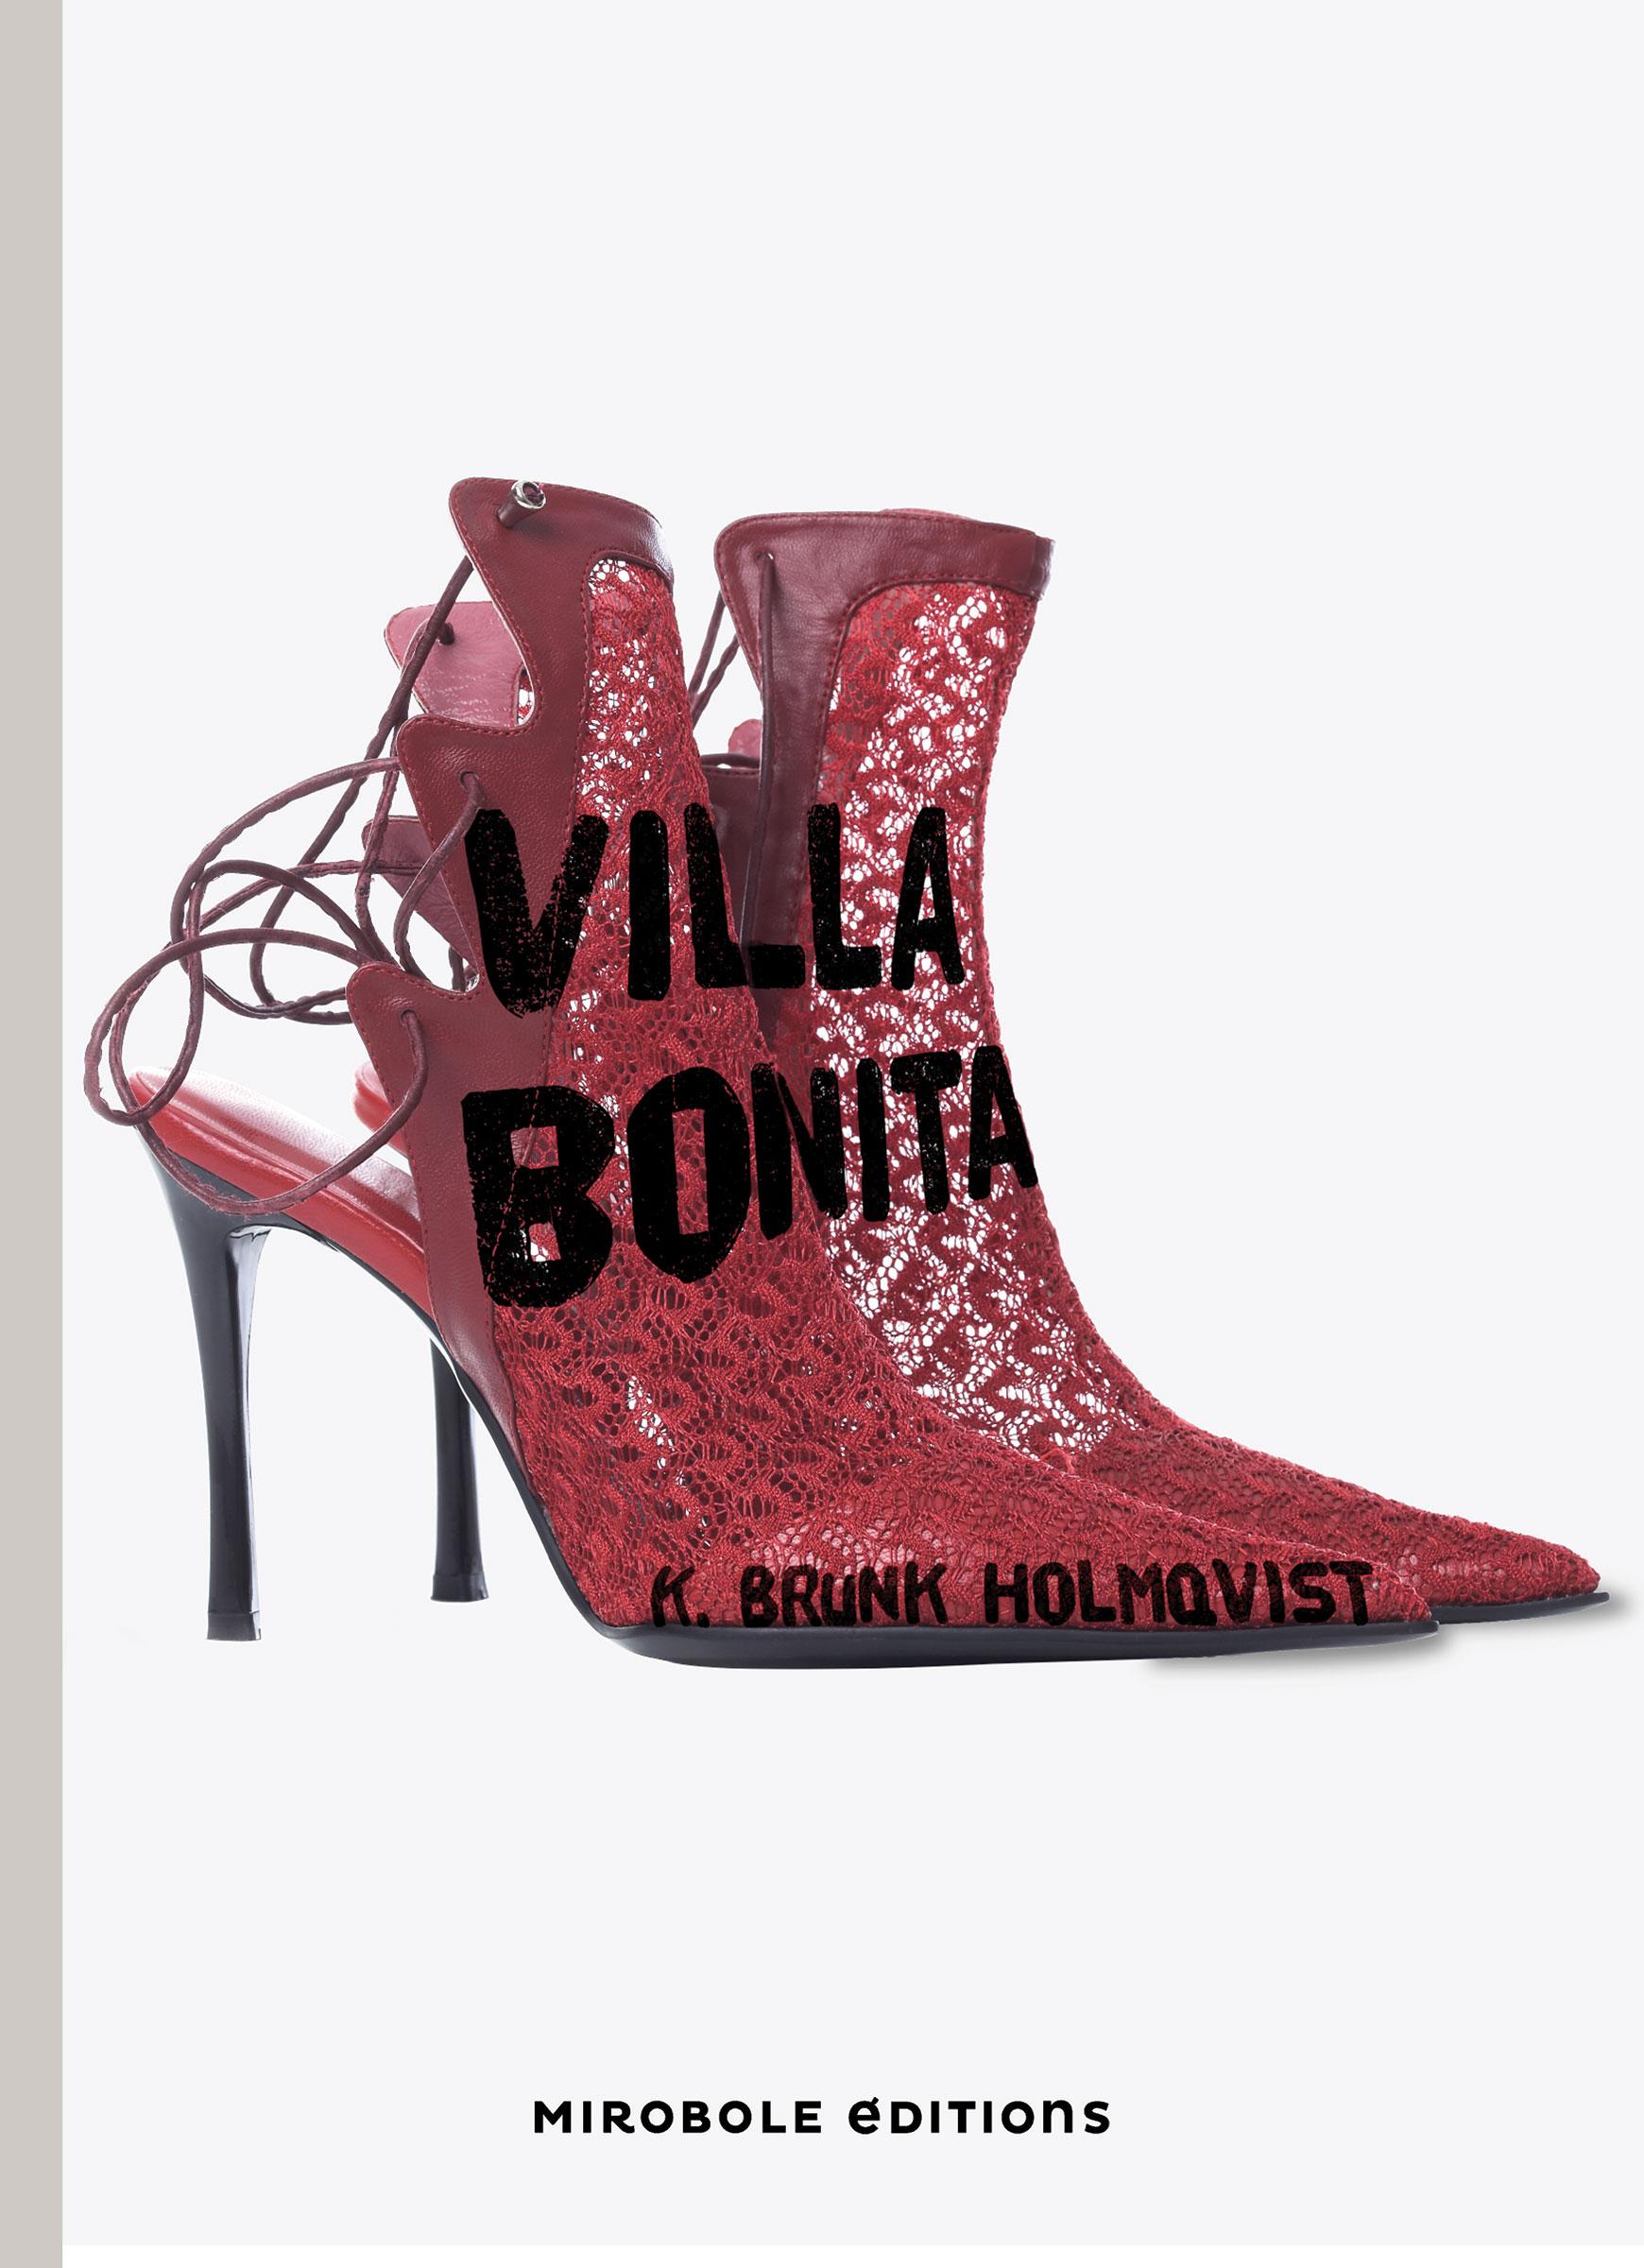 Villa Bonita | BRUNK HOLMQVIST, Karin